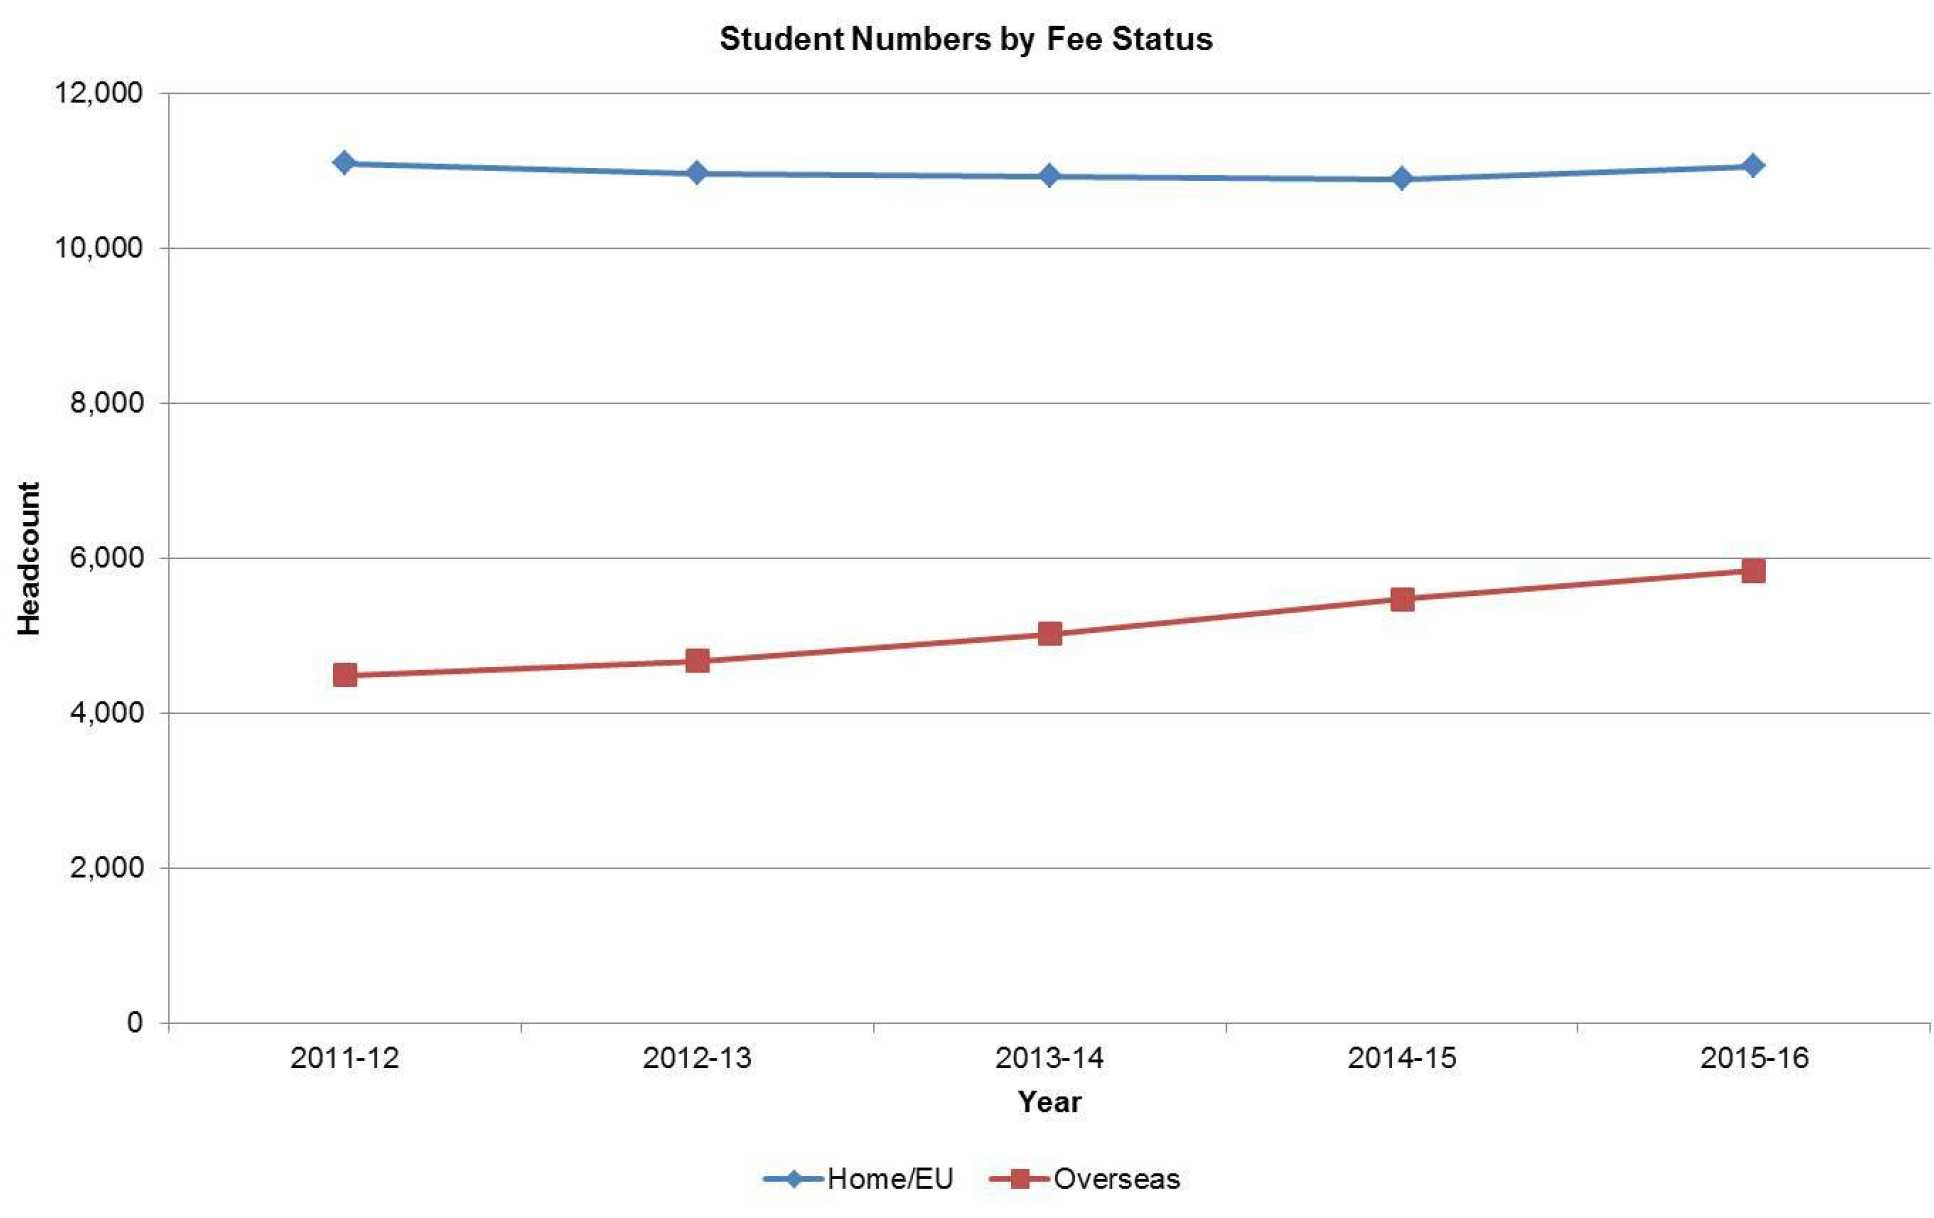 Student Fee Status